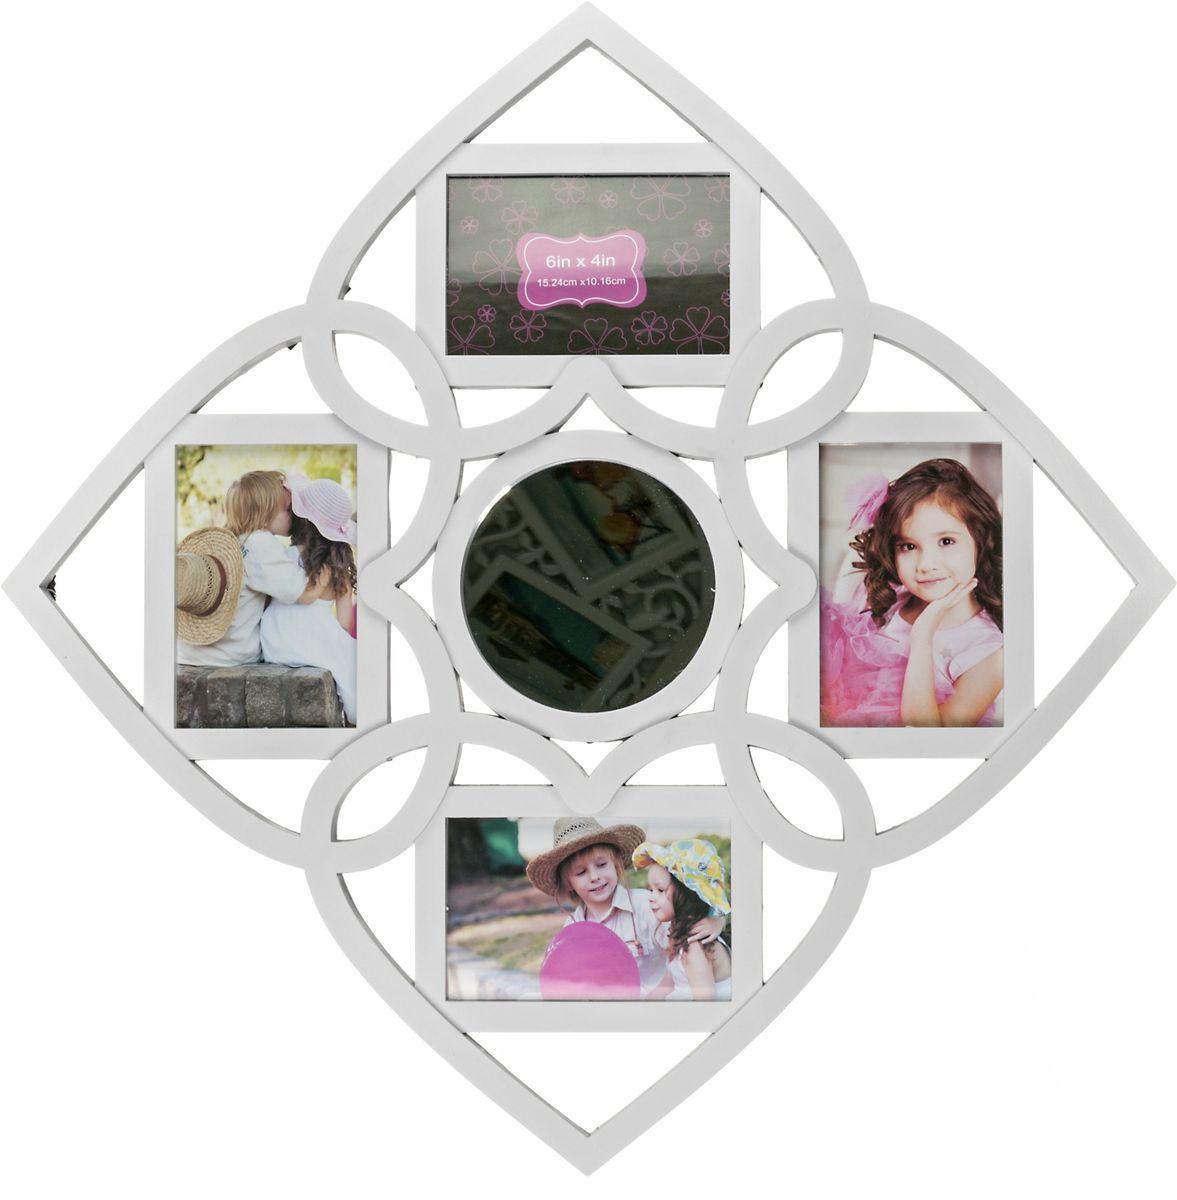 Фоторамка Platinum, с круглым зеркалом, цвет: белый, на 4 фотоBIN-1122552-White-БелыйФоторамка Platinum - прекрасный способ красиво оформить ваши фотографии. Фоторамка выполнена из пластика и защищена стеклом. Фоторамка-коллаж представляет собой четыре фоторамки для фото одного размера оригинально соединенных между собой. В центре фоторамки имеется круглое зеркало. Такая фоторамка поможет сохранить в памяти самые яркие моменты вашей жизни, а стильный дизайн сделает ее прекрасным дополнением интерьера комнаты. Фоторамка подходит для фотографий 10 х 15 см.Общий размер фоторамки: 59 х 59 см.